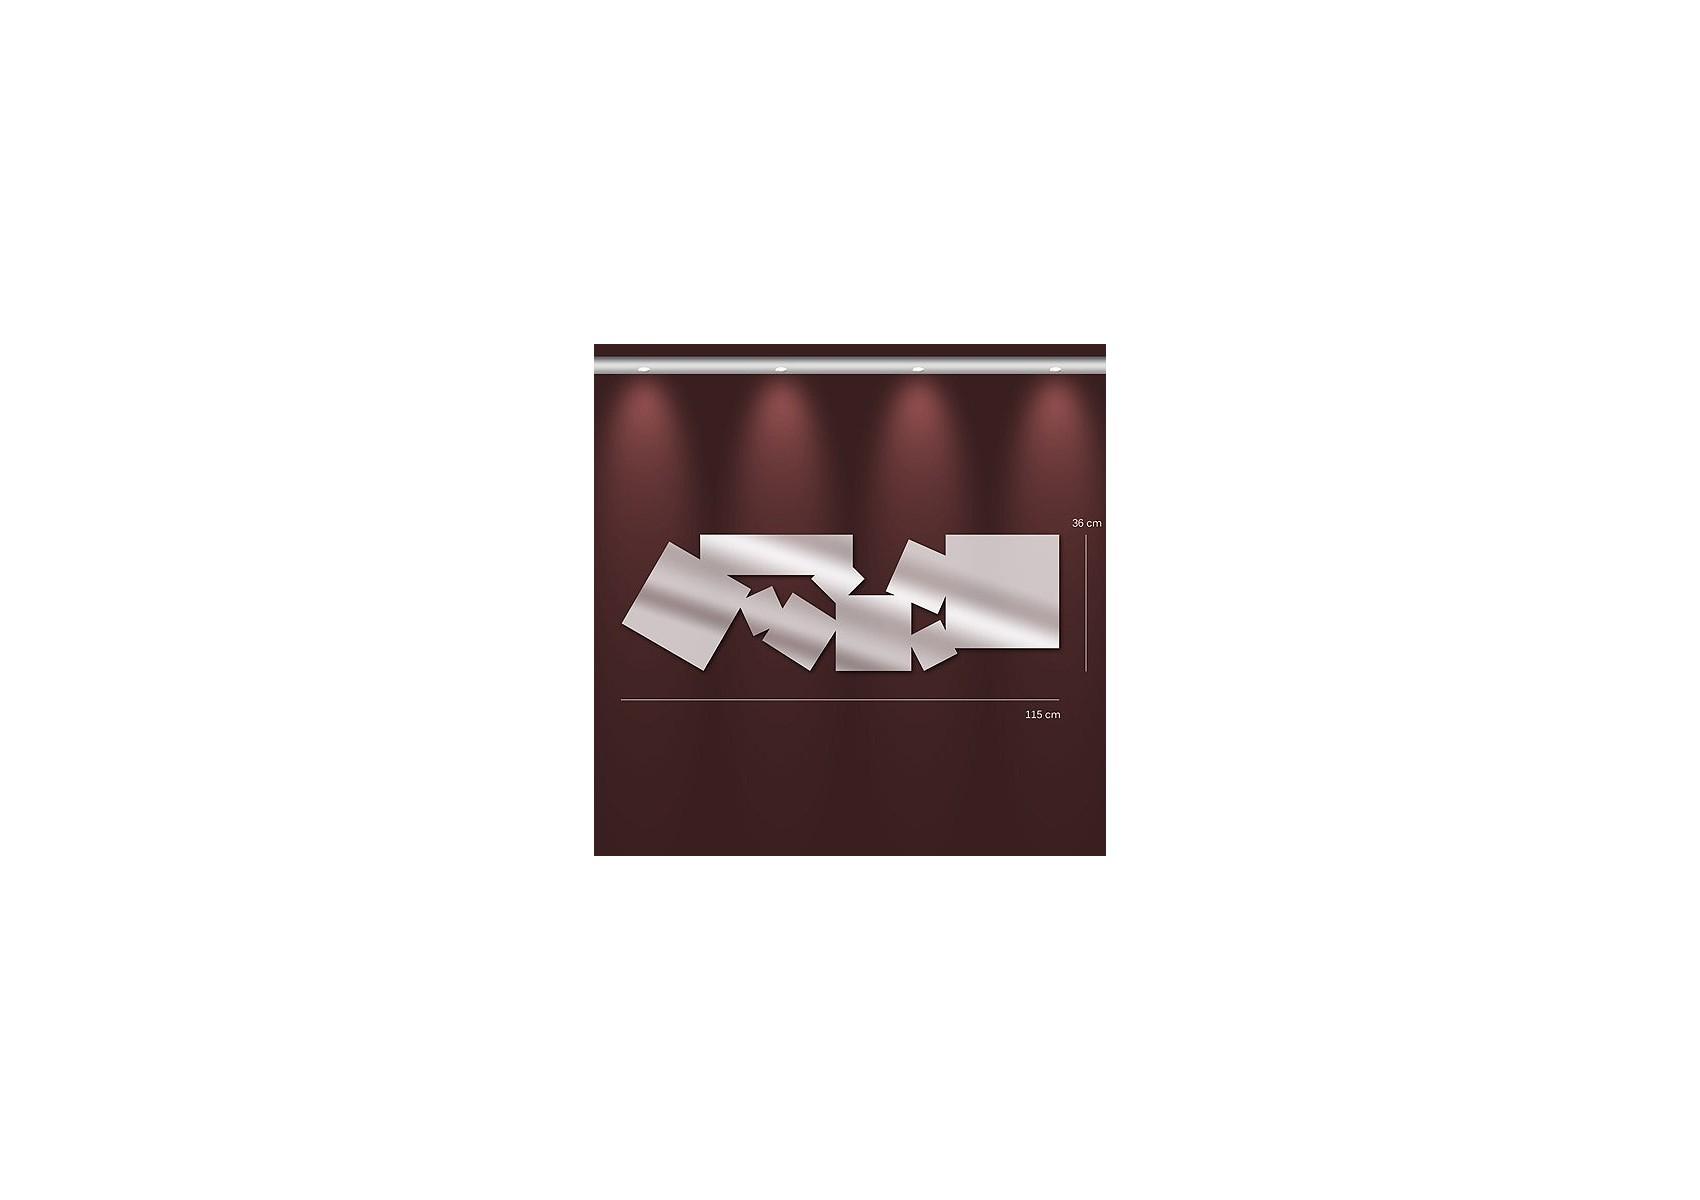 Miroir carr s design allong s boite design for Design miroir